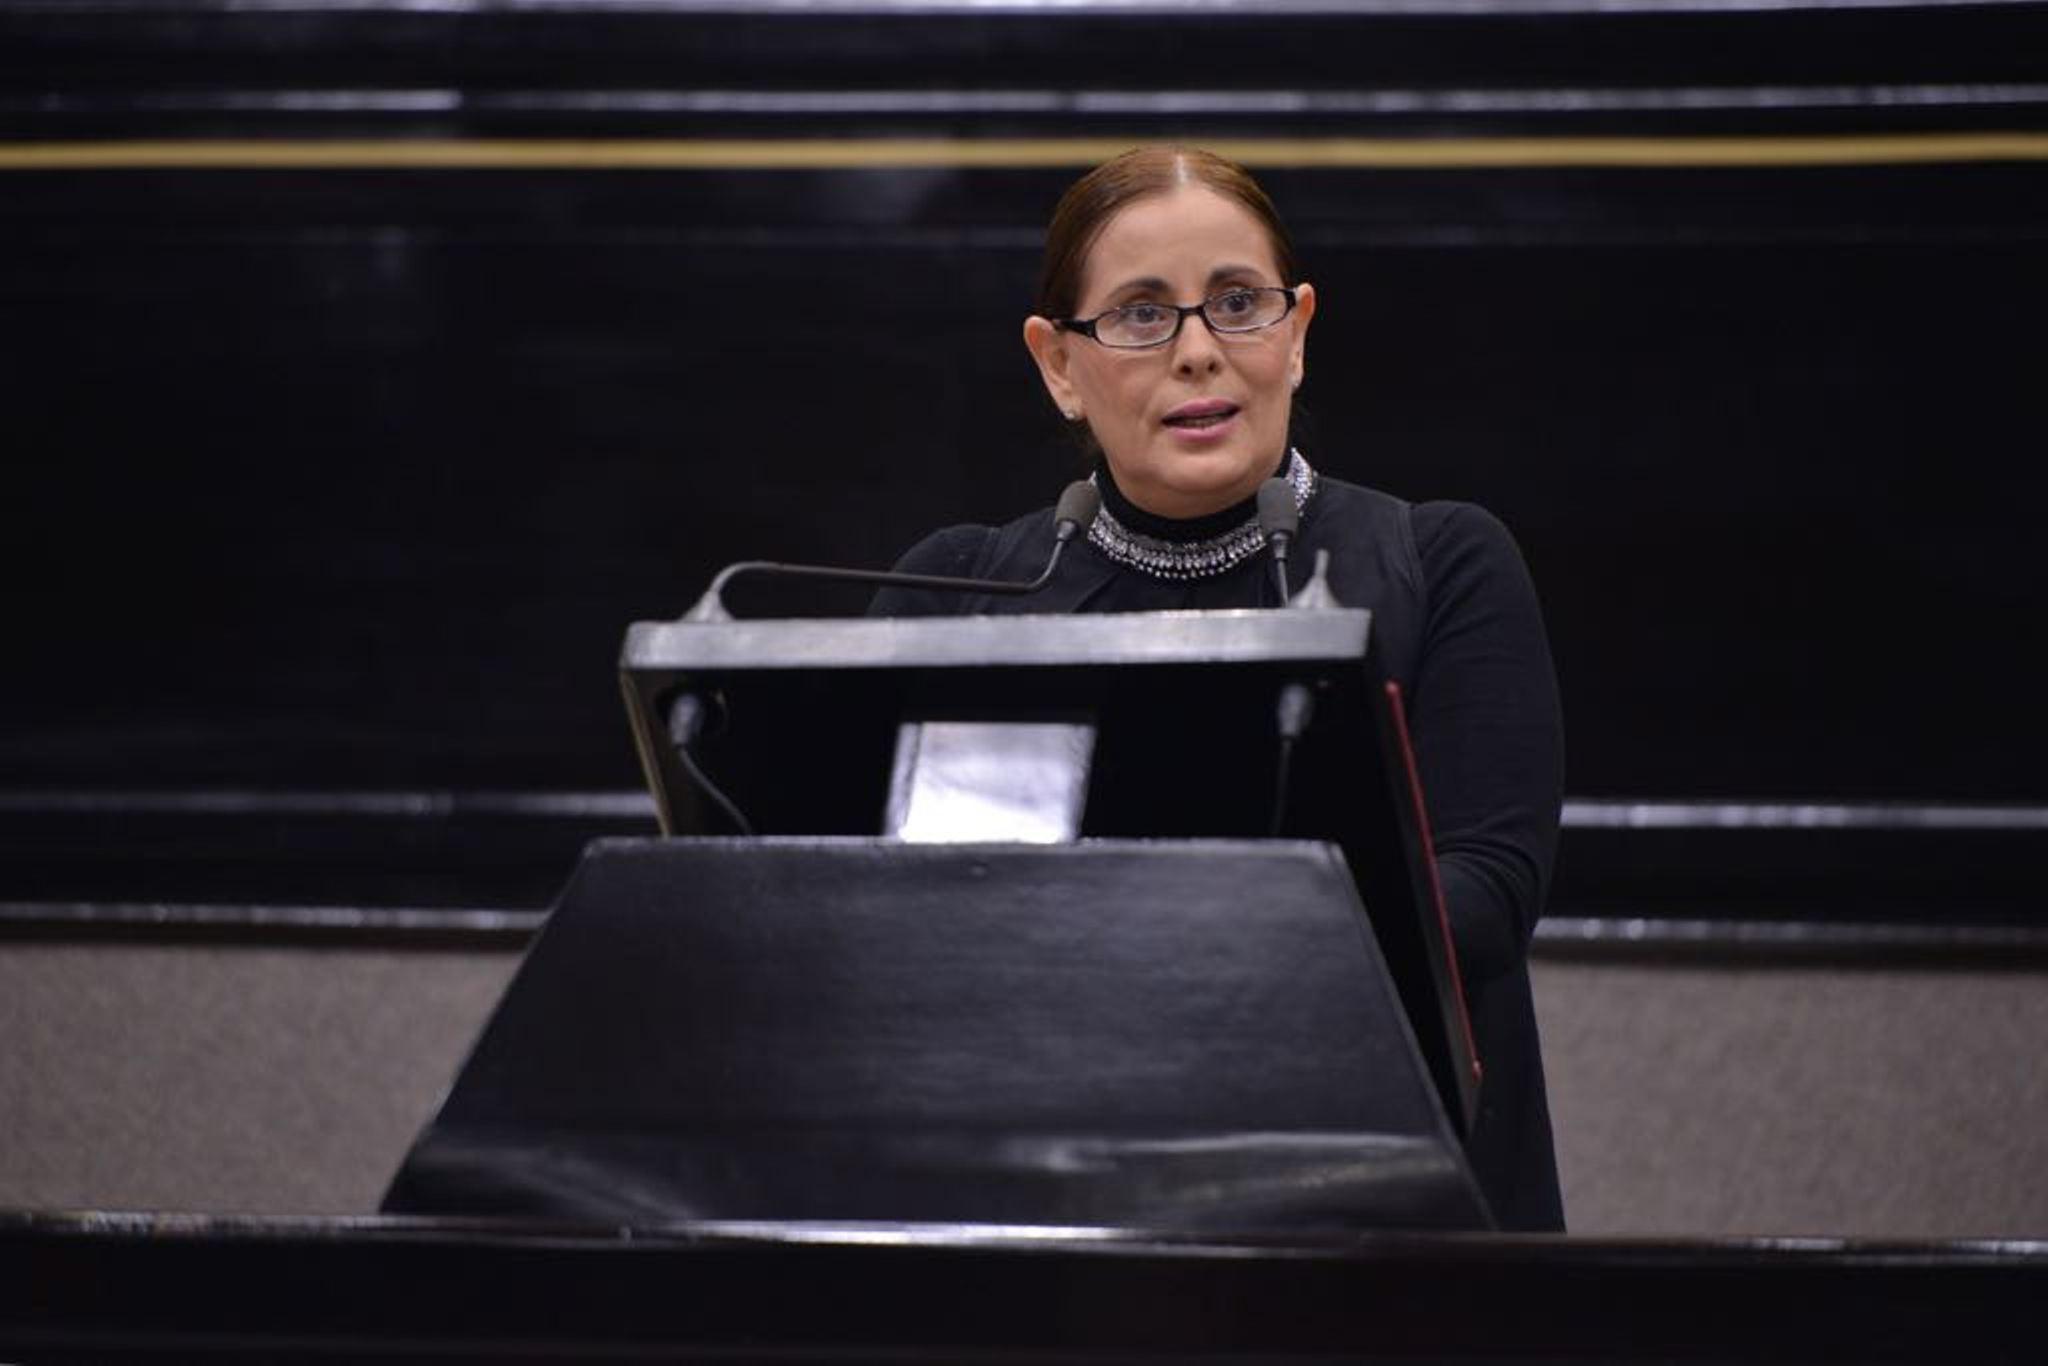 Instalaciones sanitarias para la comunidad LGBTTTI, propone González Sheridan